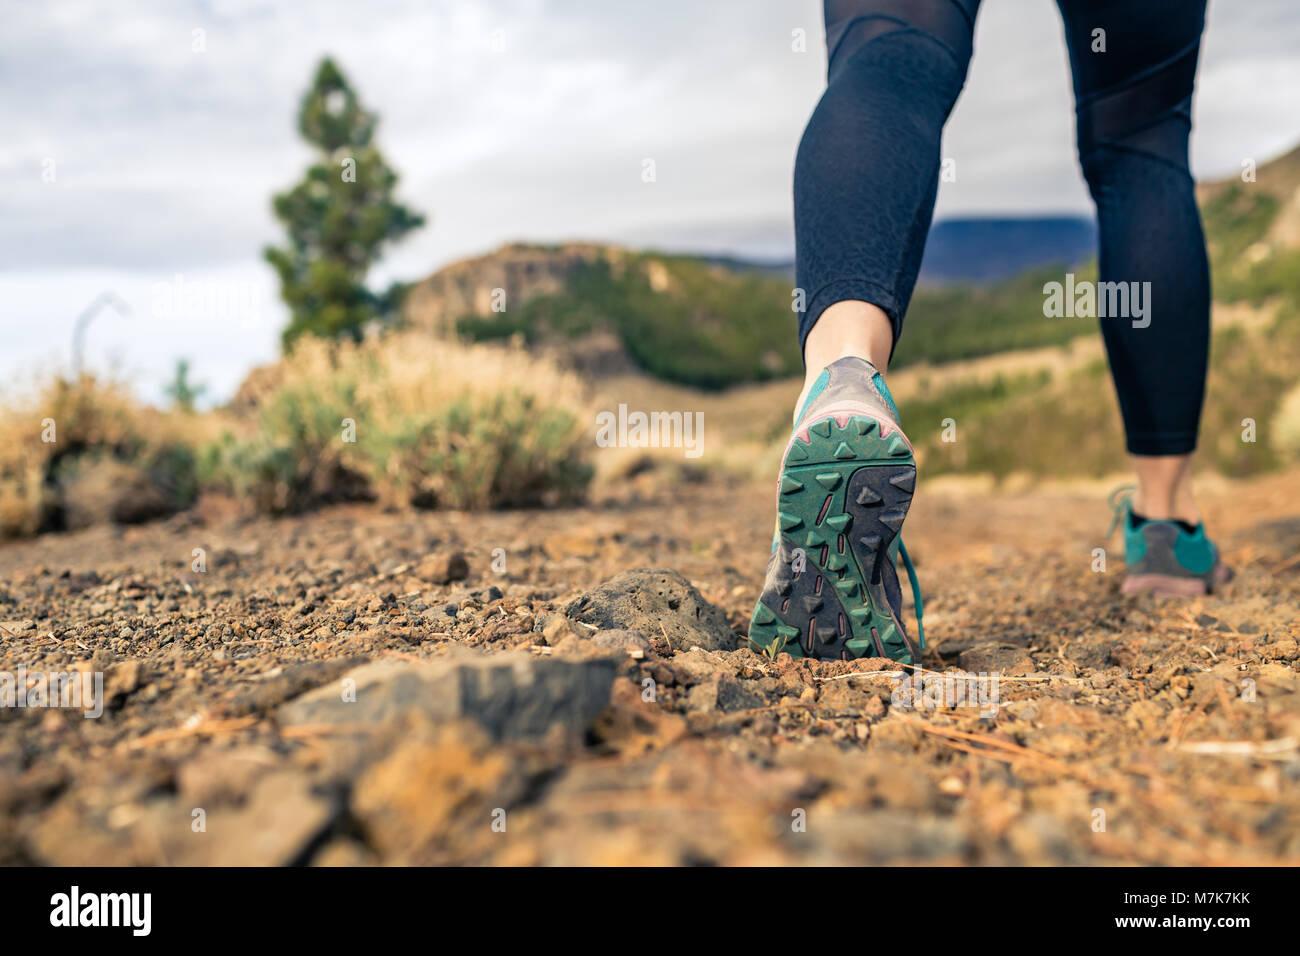 Semelle de chaussure de sport en montagne randonnée sur sentier rocheux. Cross country runner formation dans Photo Stock